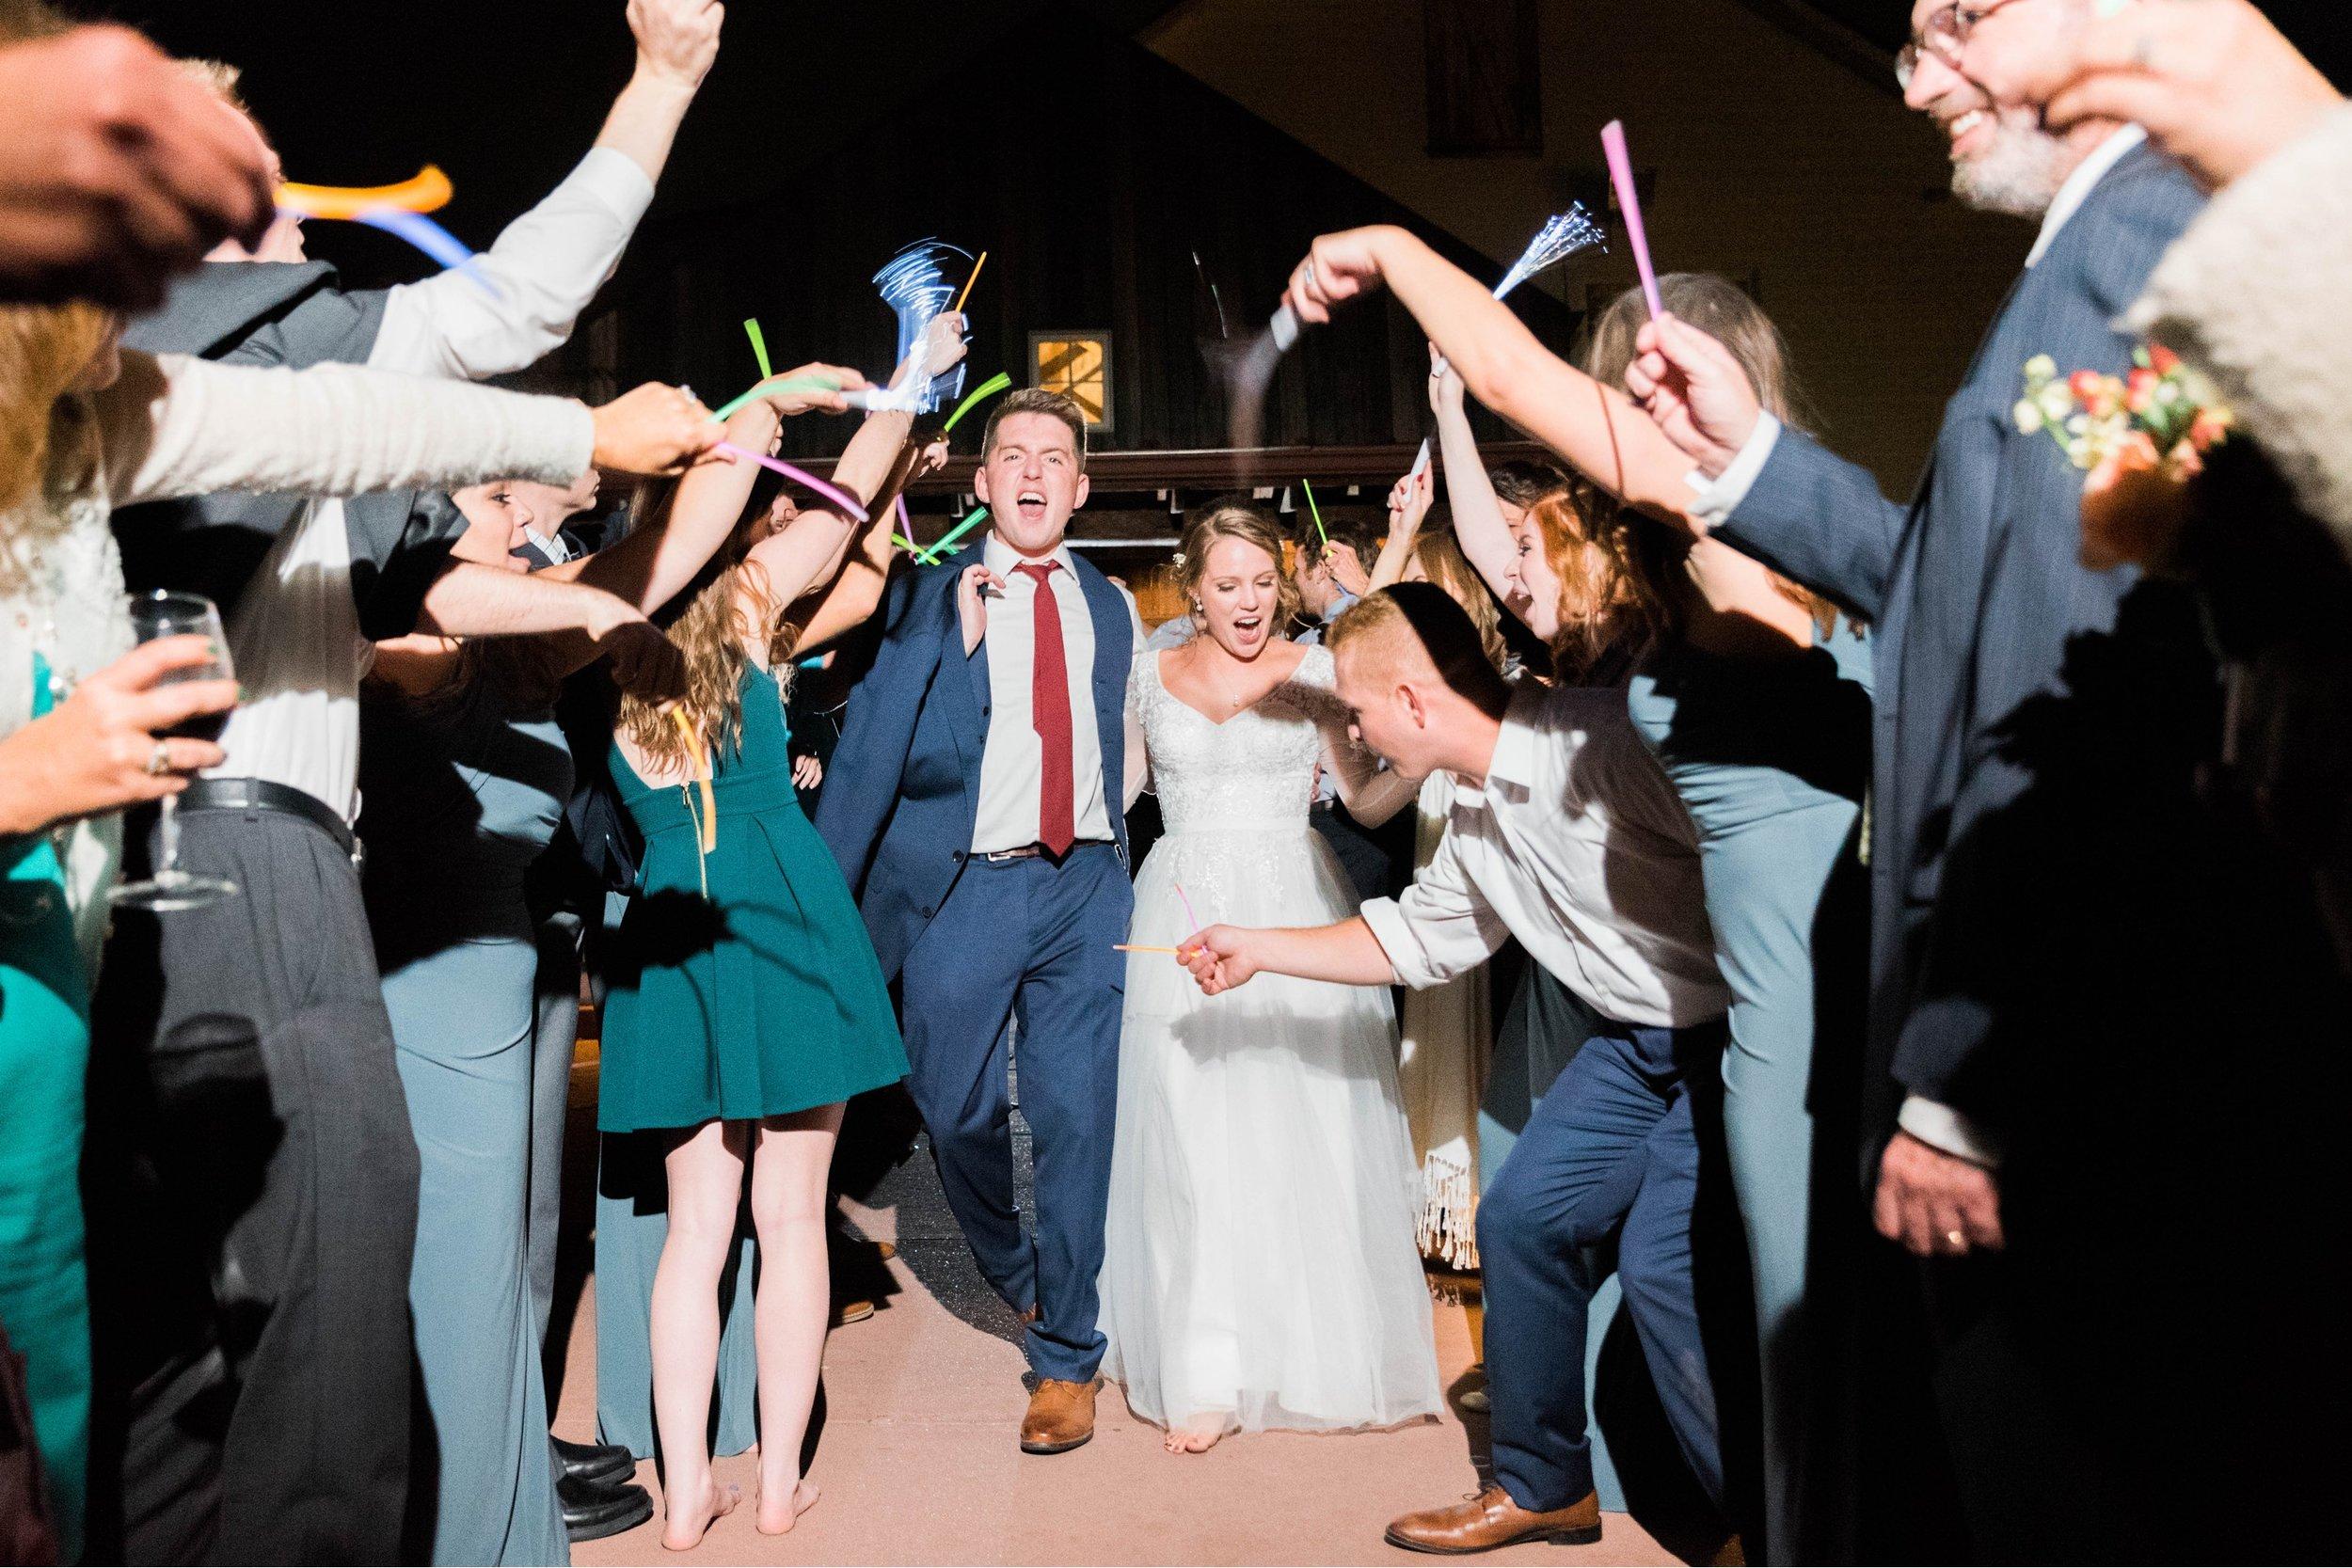 GrantElizabeth_wineryatbullrun_DCwedding_Virginiaweddingphotographer 7.jpg